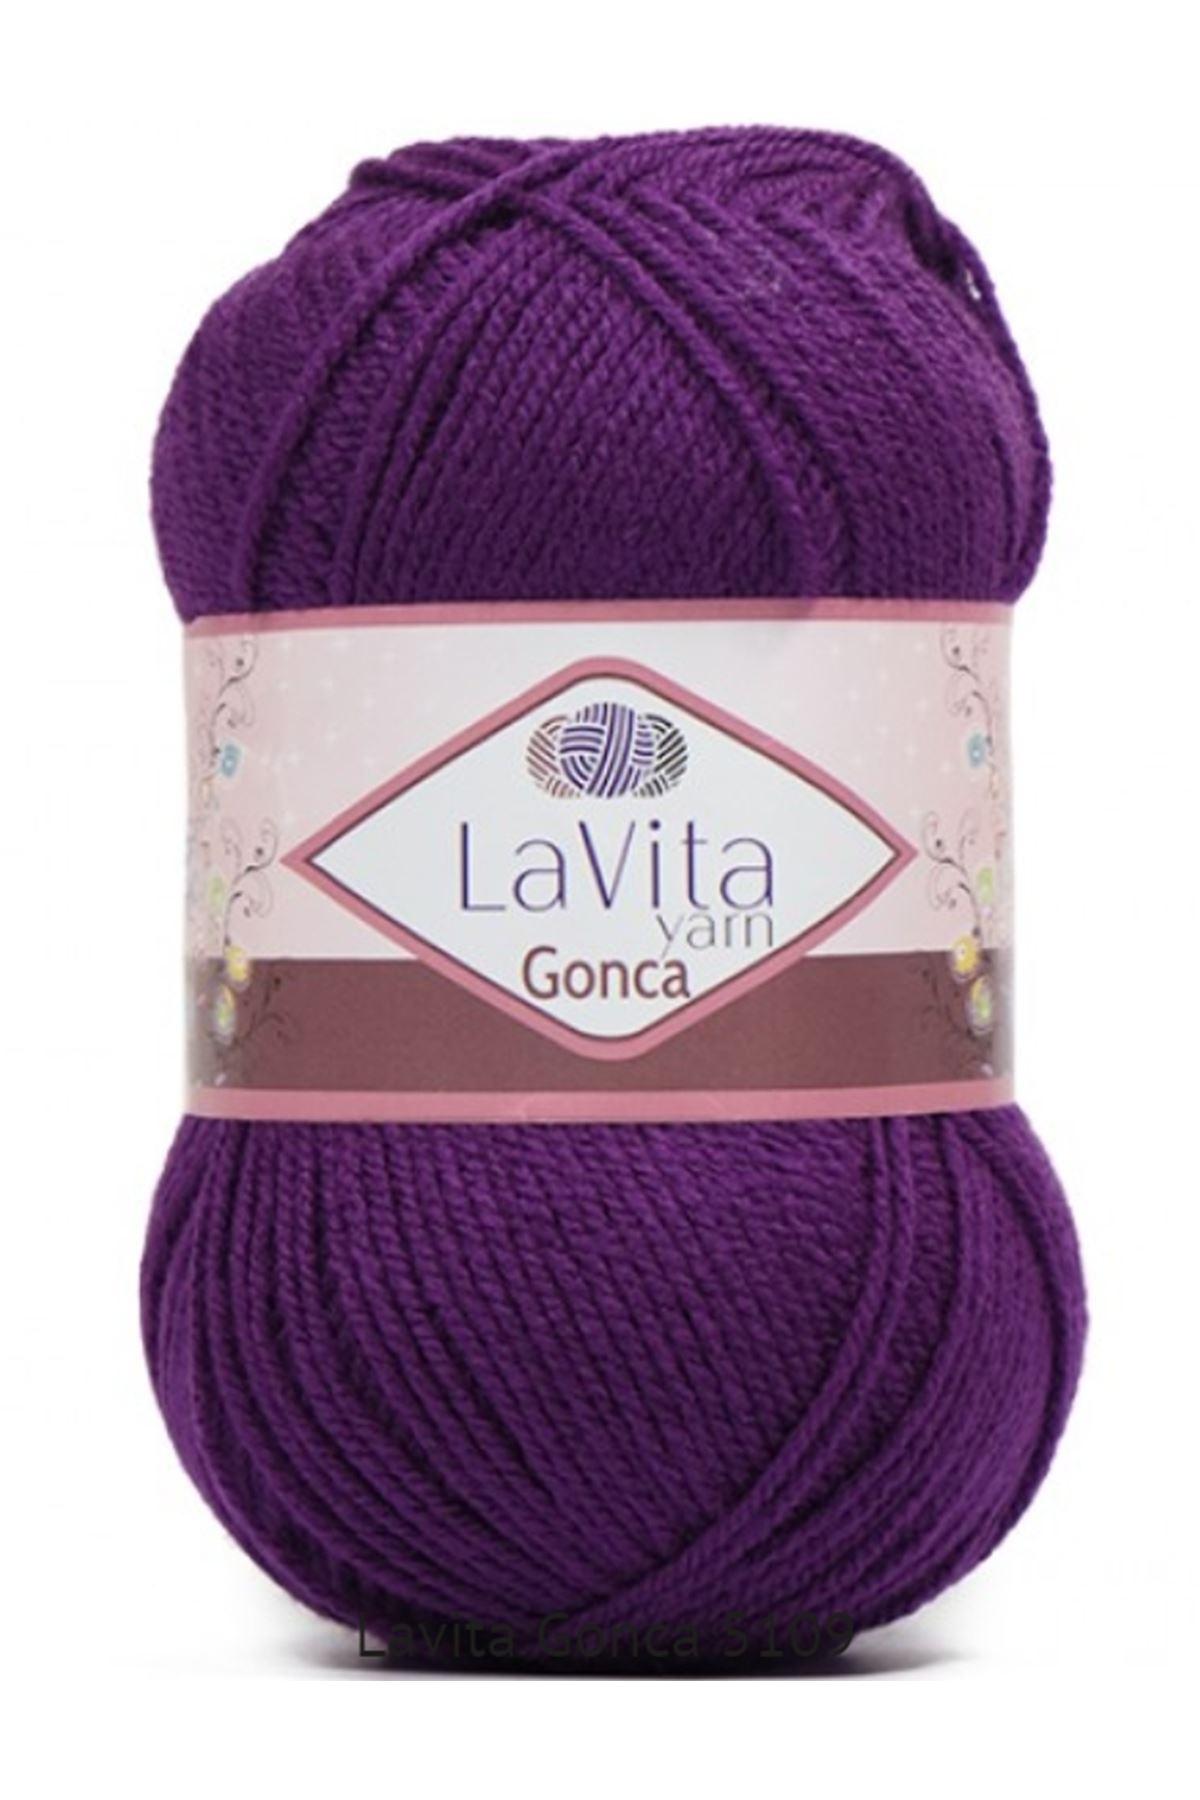 Lavita Gonca 5109 Koyu Mor